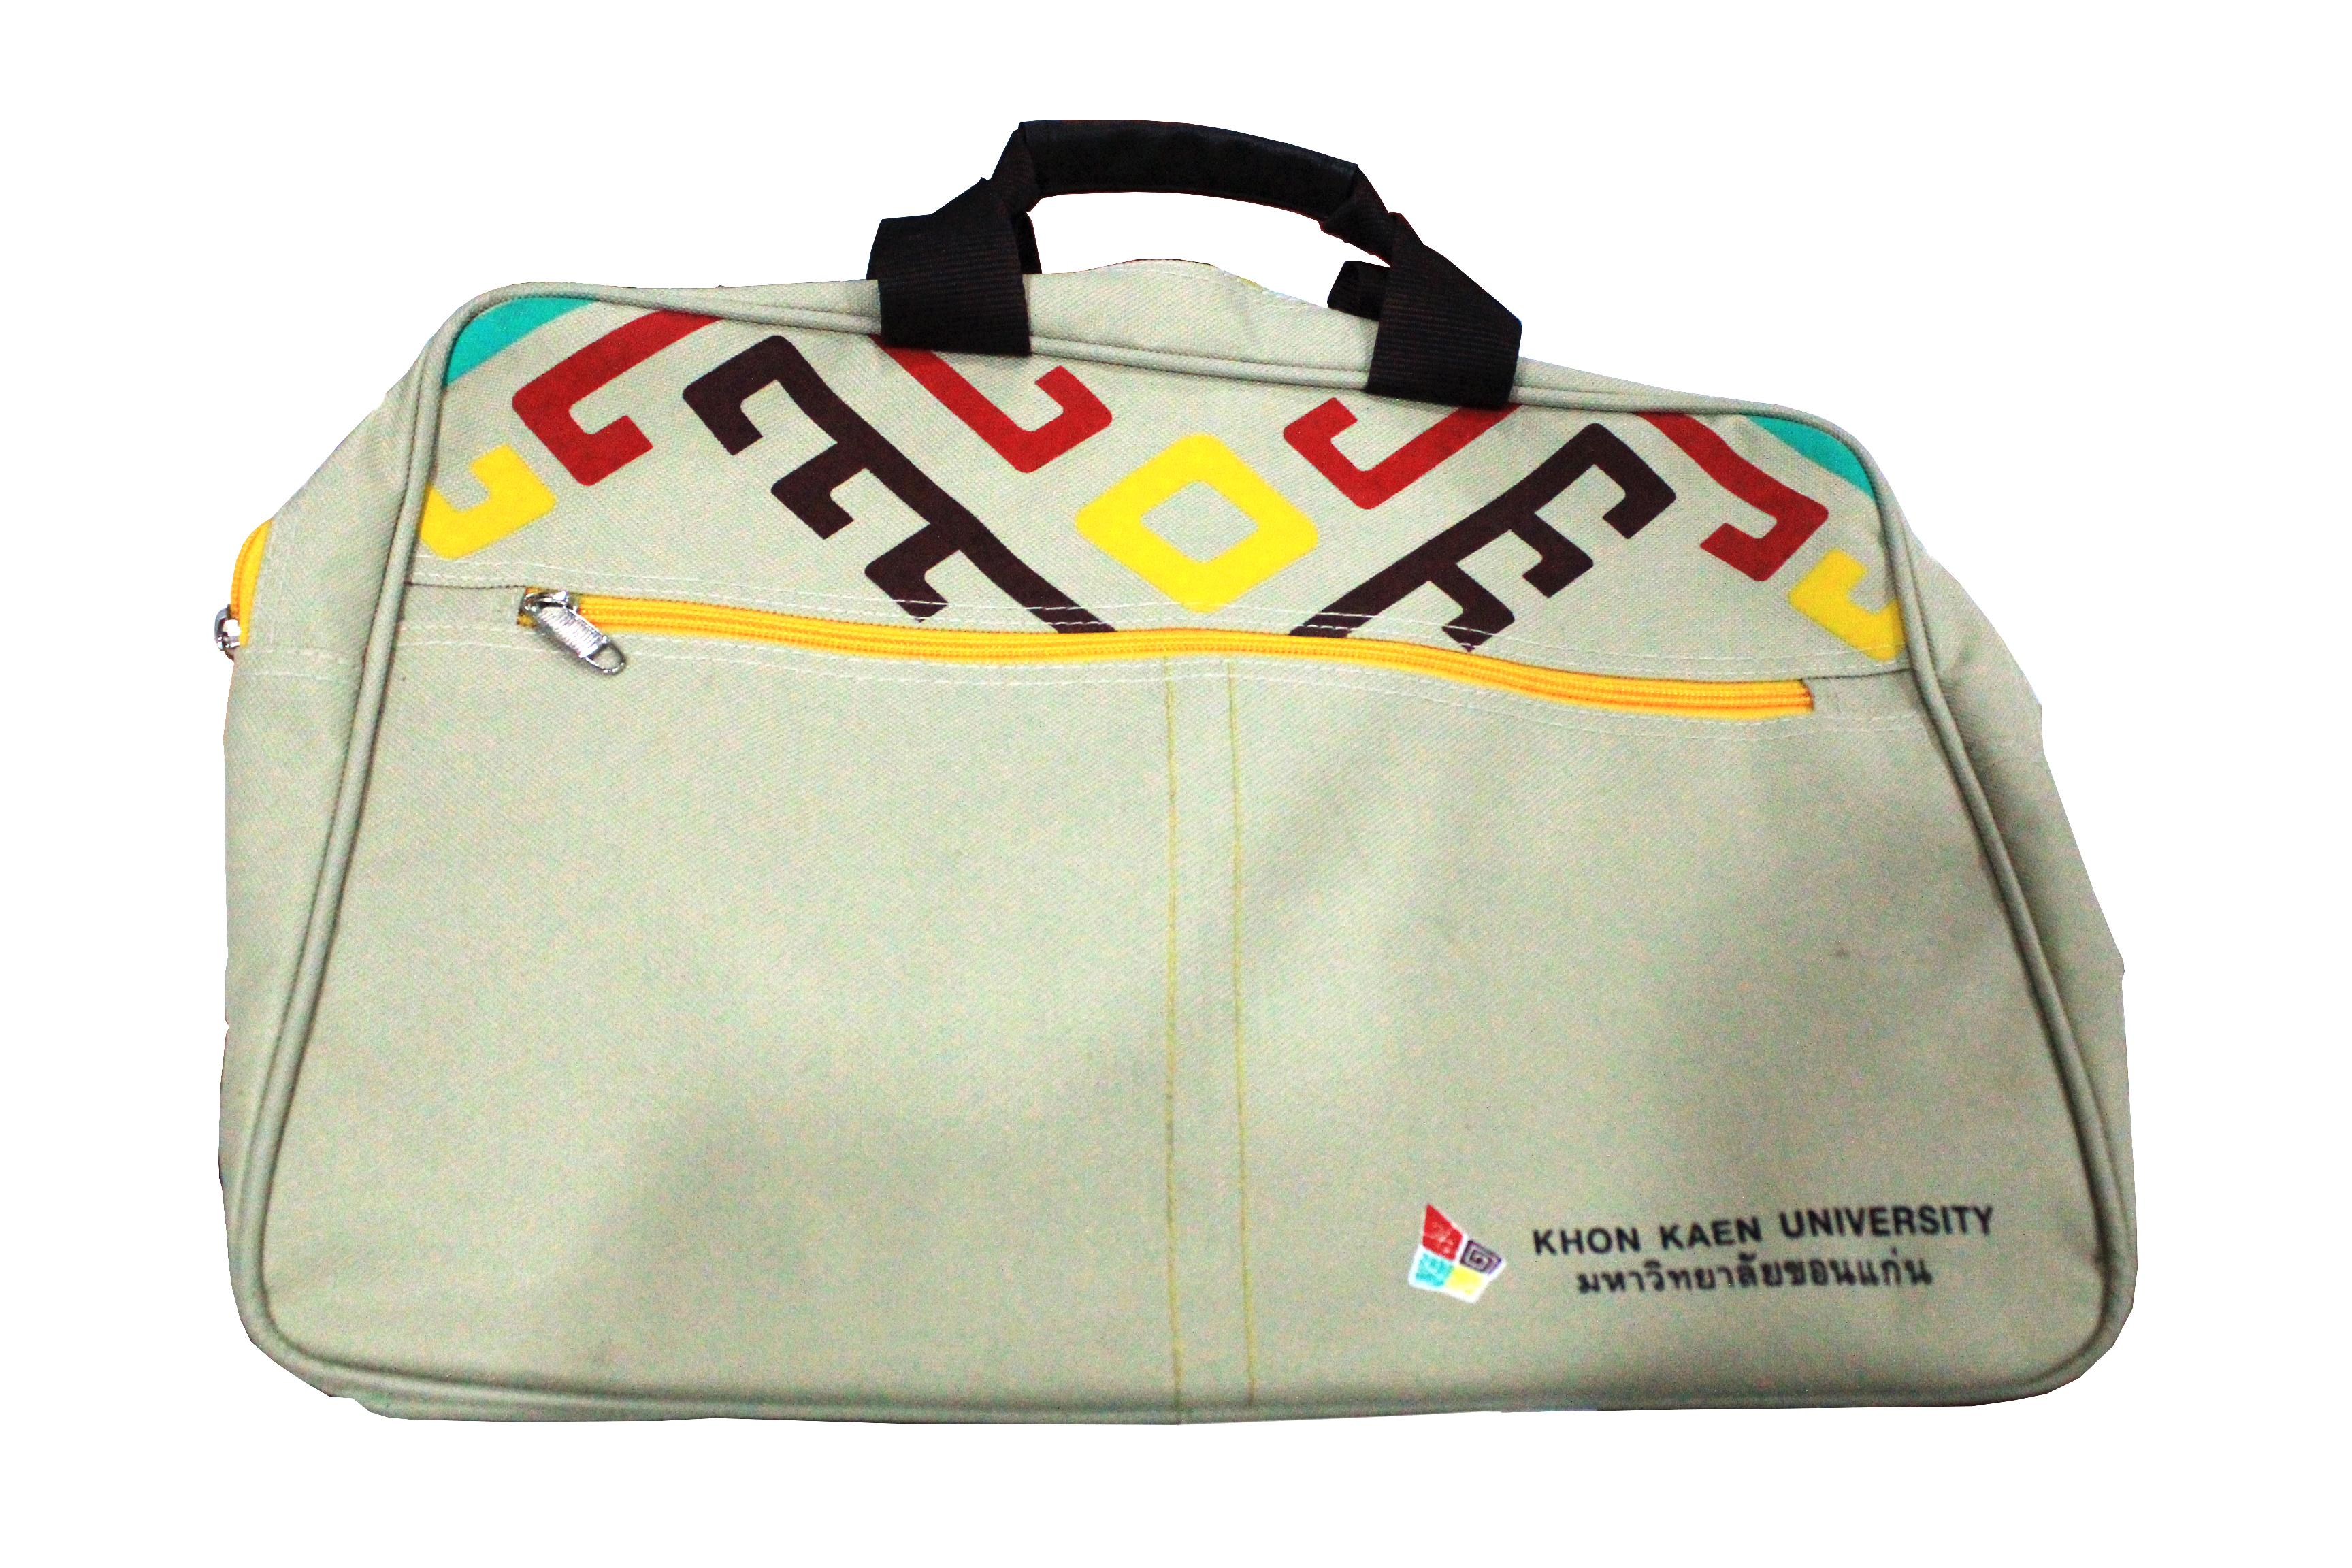 กระเป๋าผ้าสีครีม